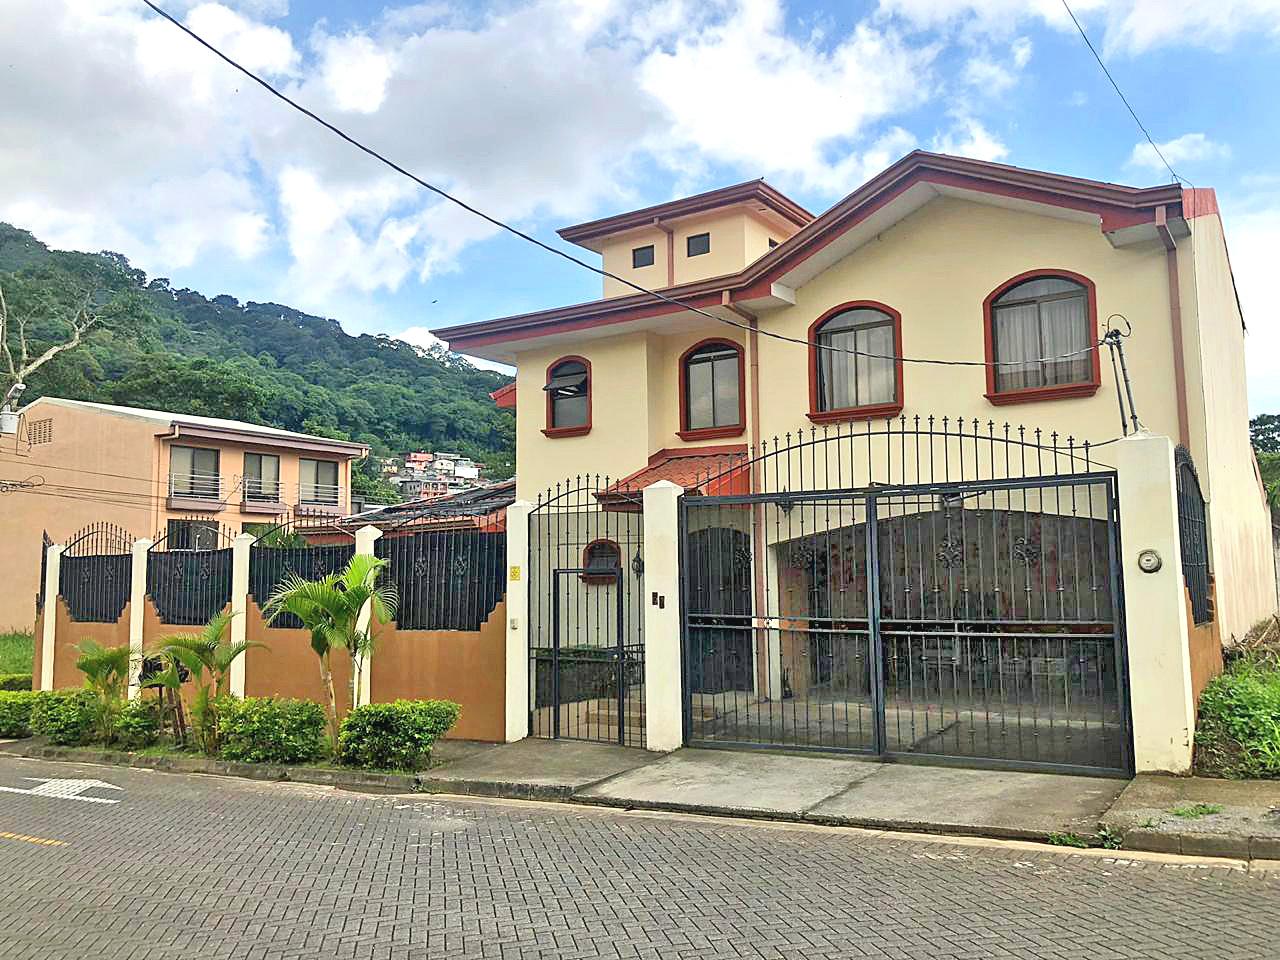 Venta de Casa de 250 m2 con Piscina, Comunidad Cerrada Monte Ayarco, Curridabat